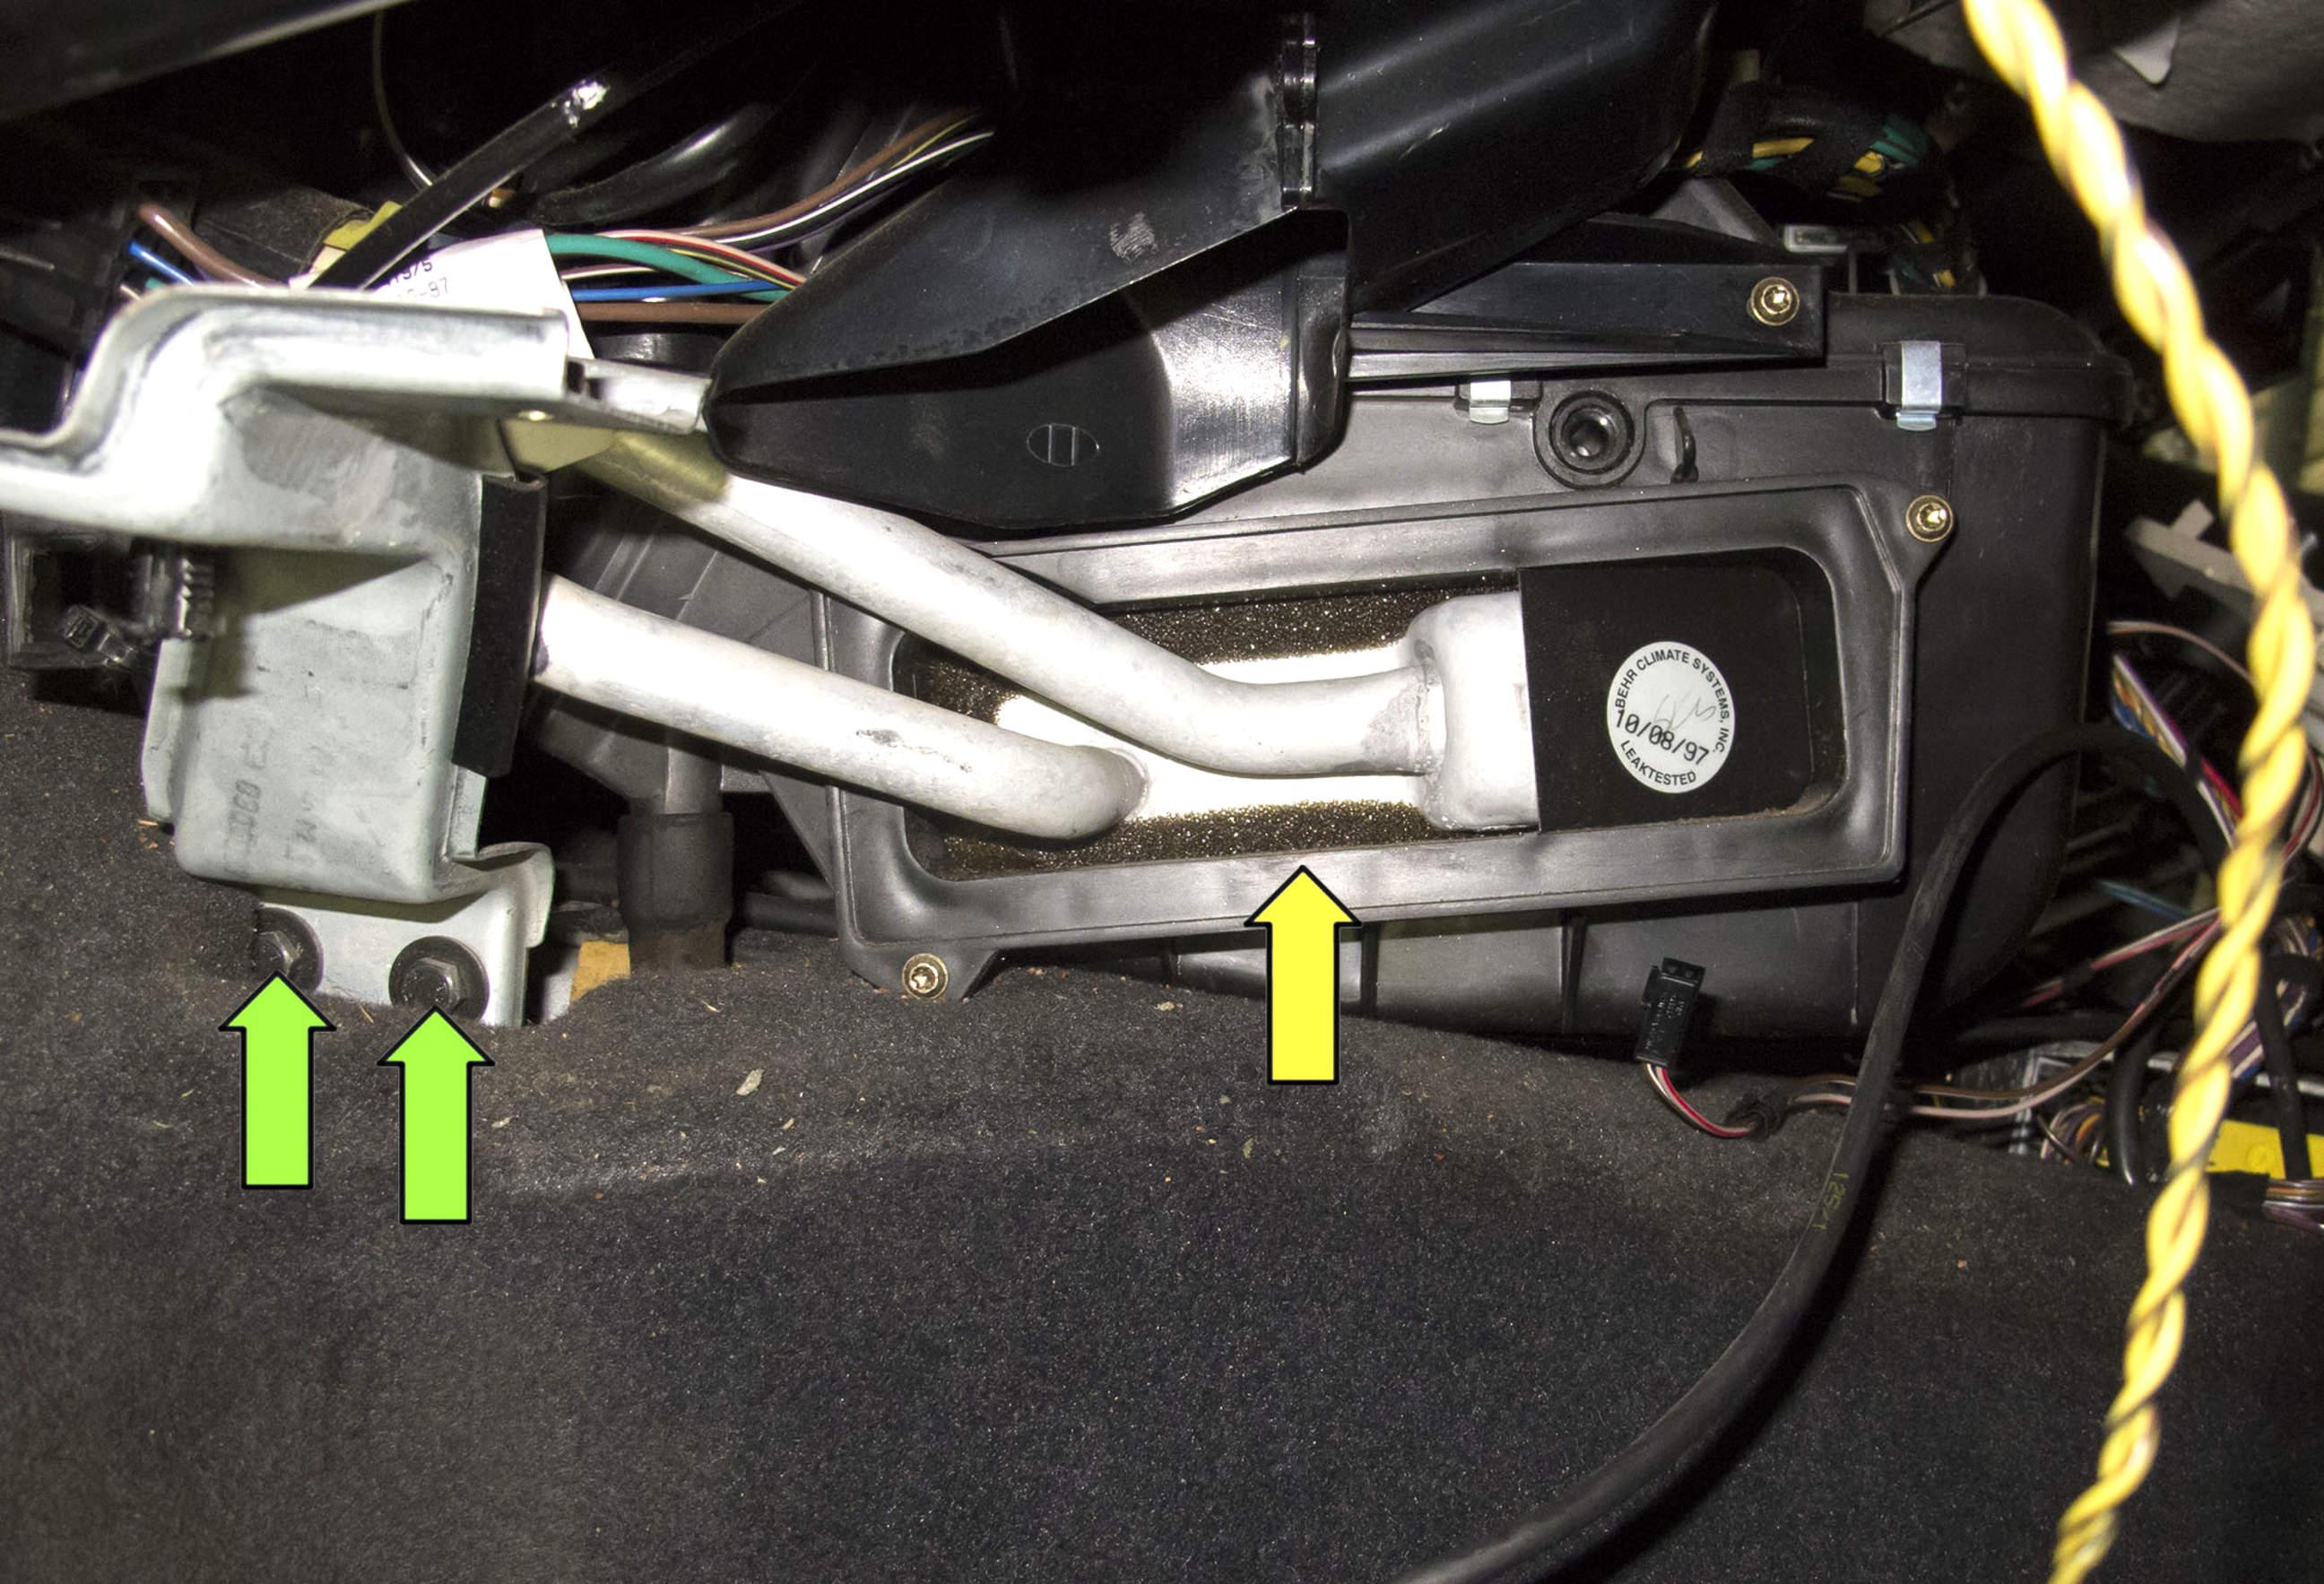 1996 Mercury Grand Marquis Fuse Box Diagram 43 Wiring Auto Bmw 323i Engine 2000 328i Vacuum